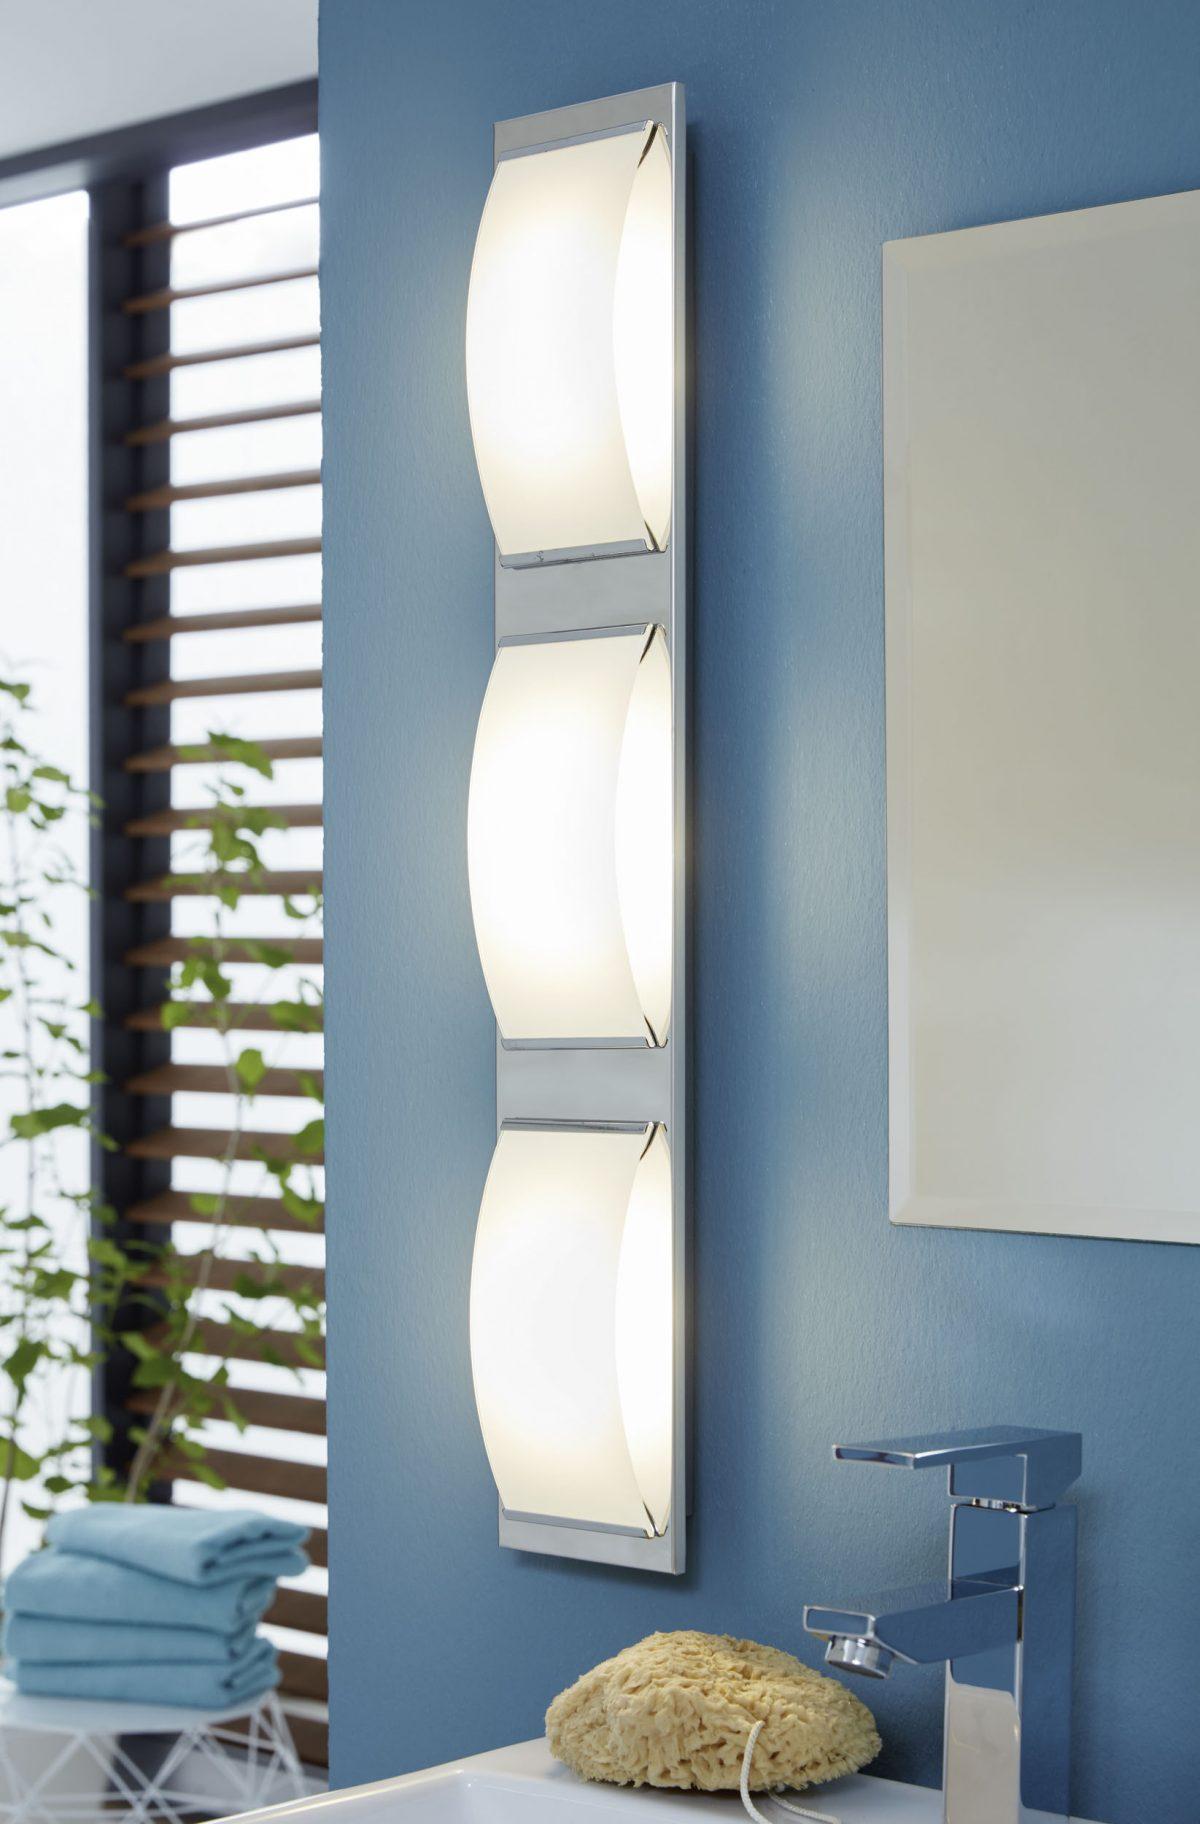 Светильник настенно-потолочный WASAO 1 EGLO 94883 - Фото №30